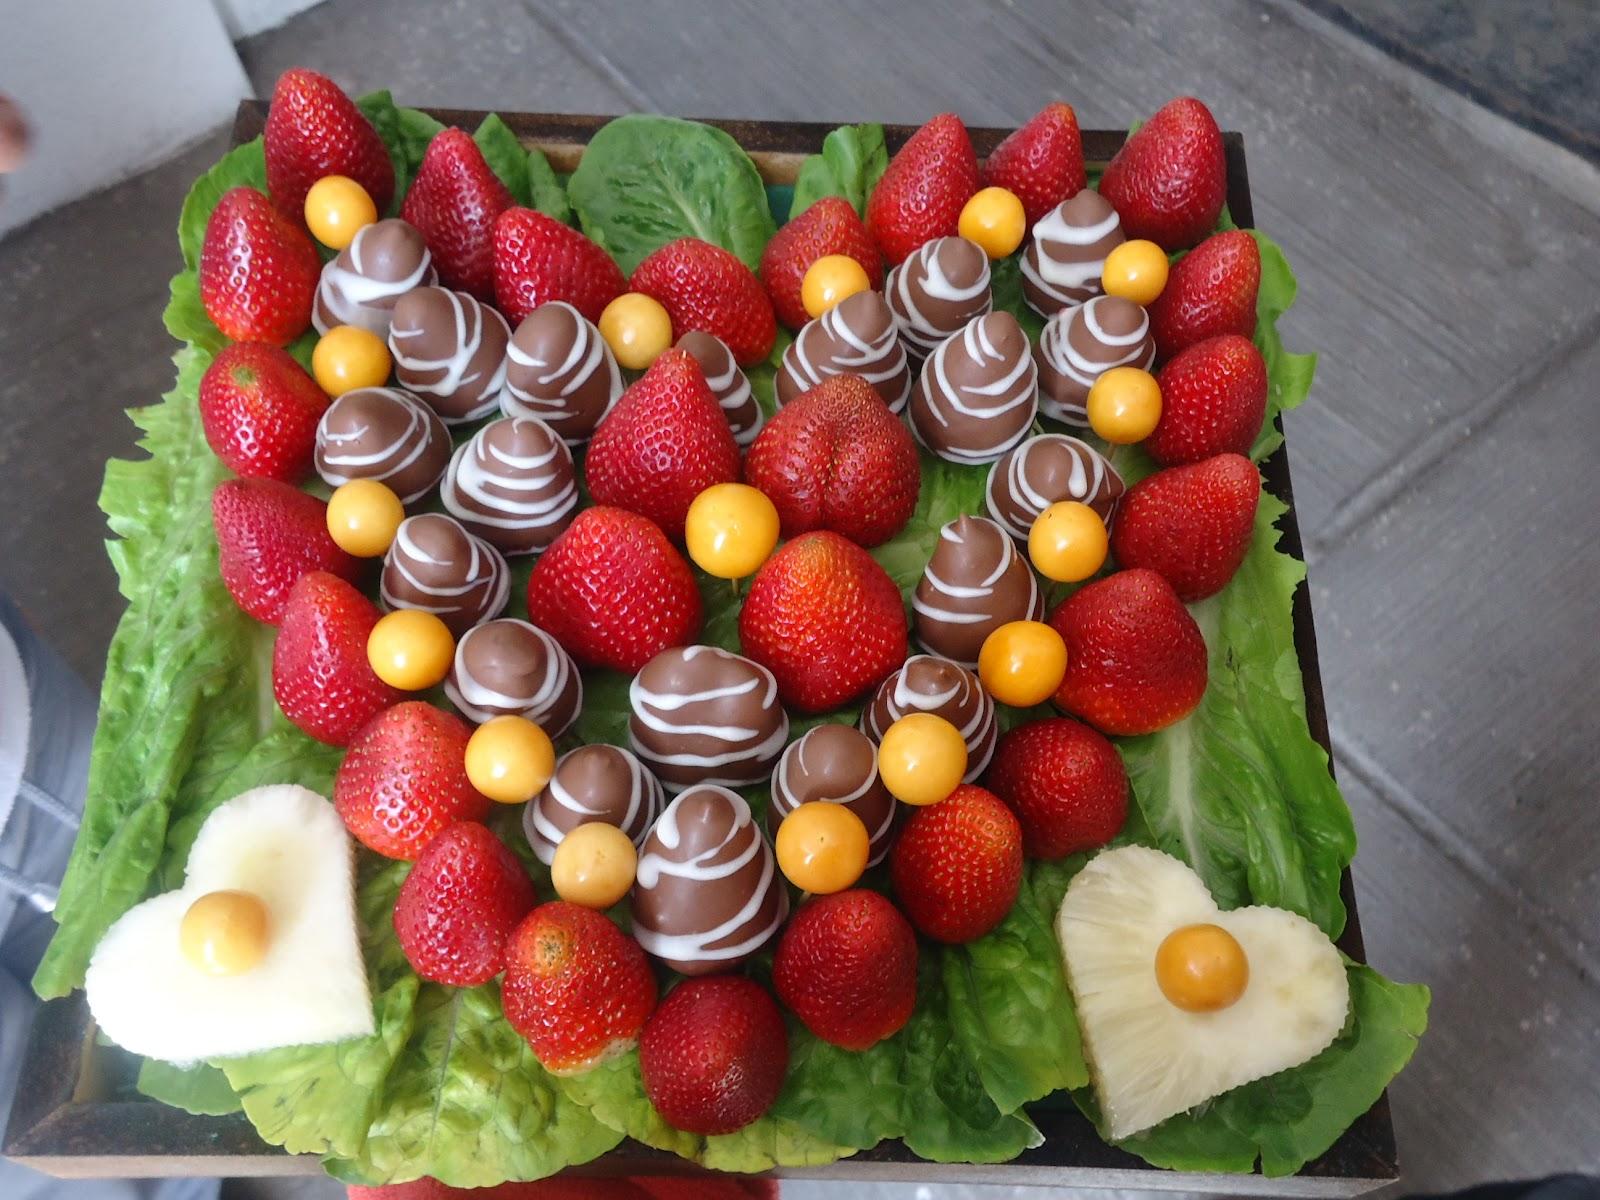 Dulce tentaci n for Decoracion de ensaladas